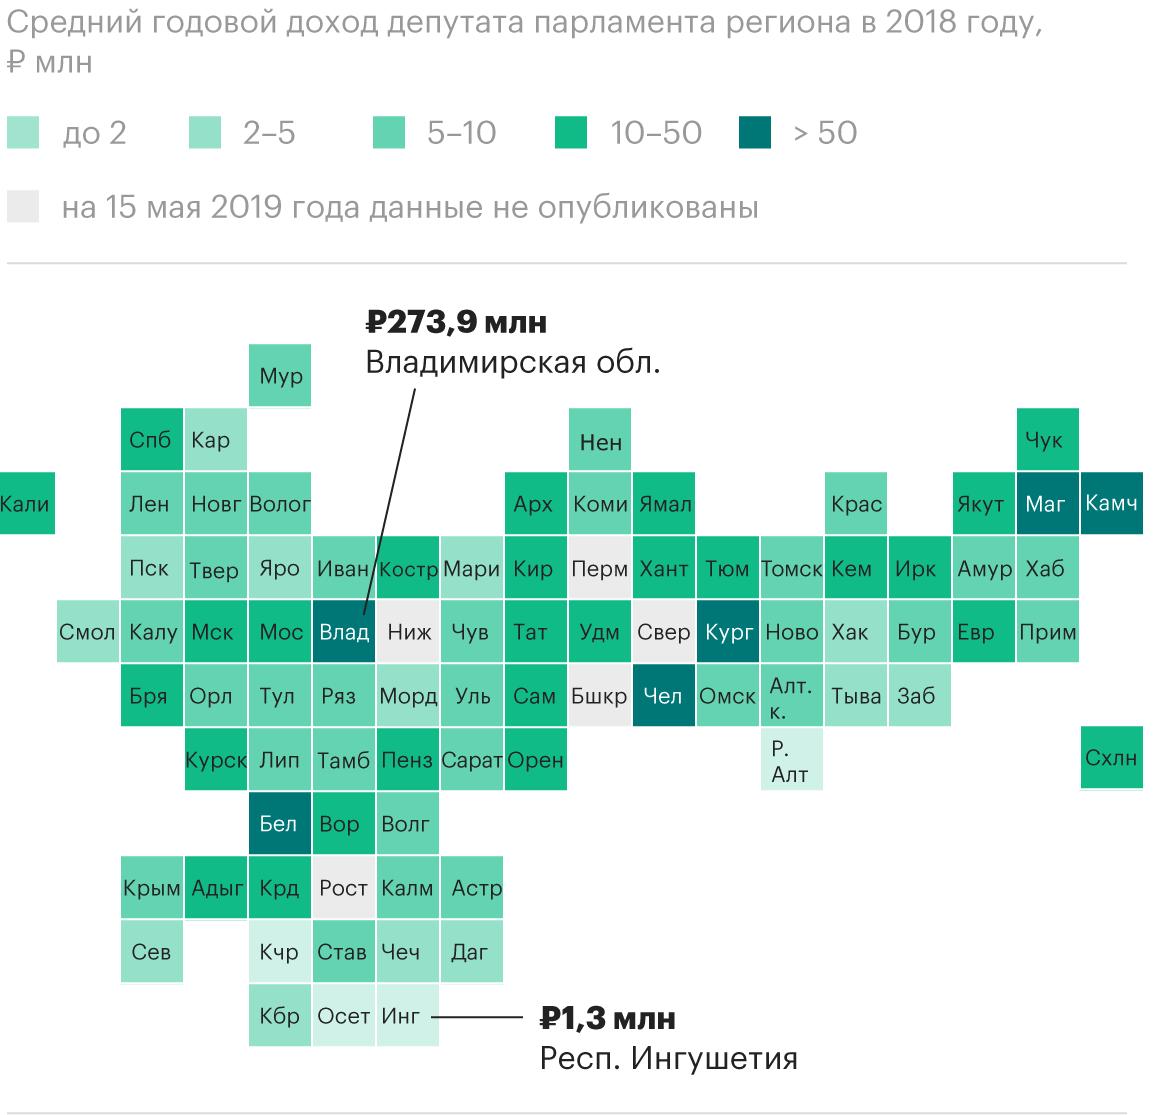 годовые доходы депутатов России по регионам